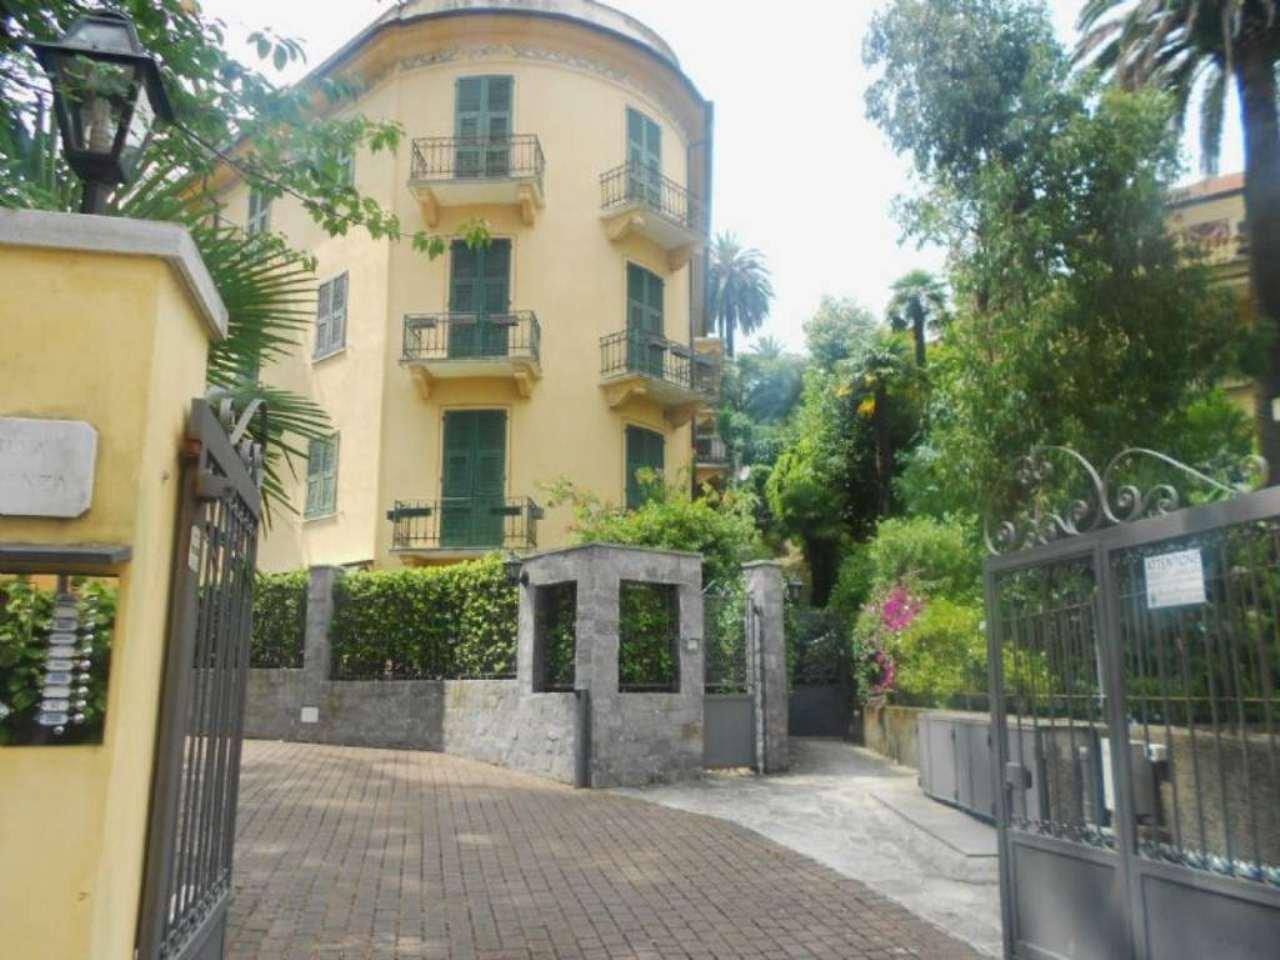 Appartamento in vendita a Rapallo, 4 locali, prezzo € 750.000 | CambioCasa.it